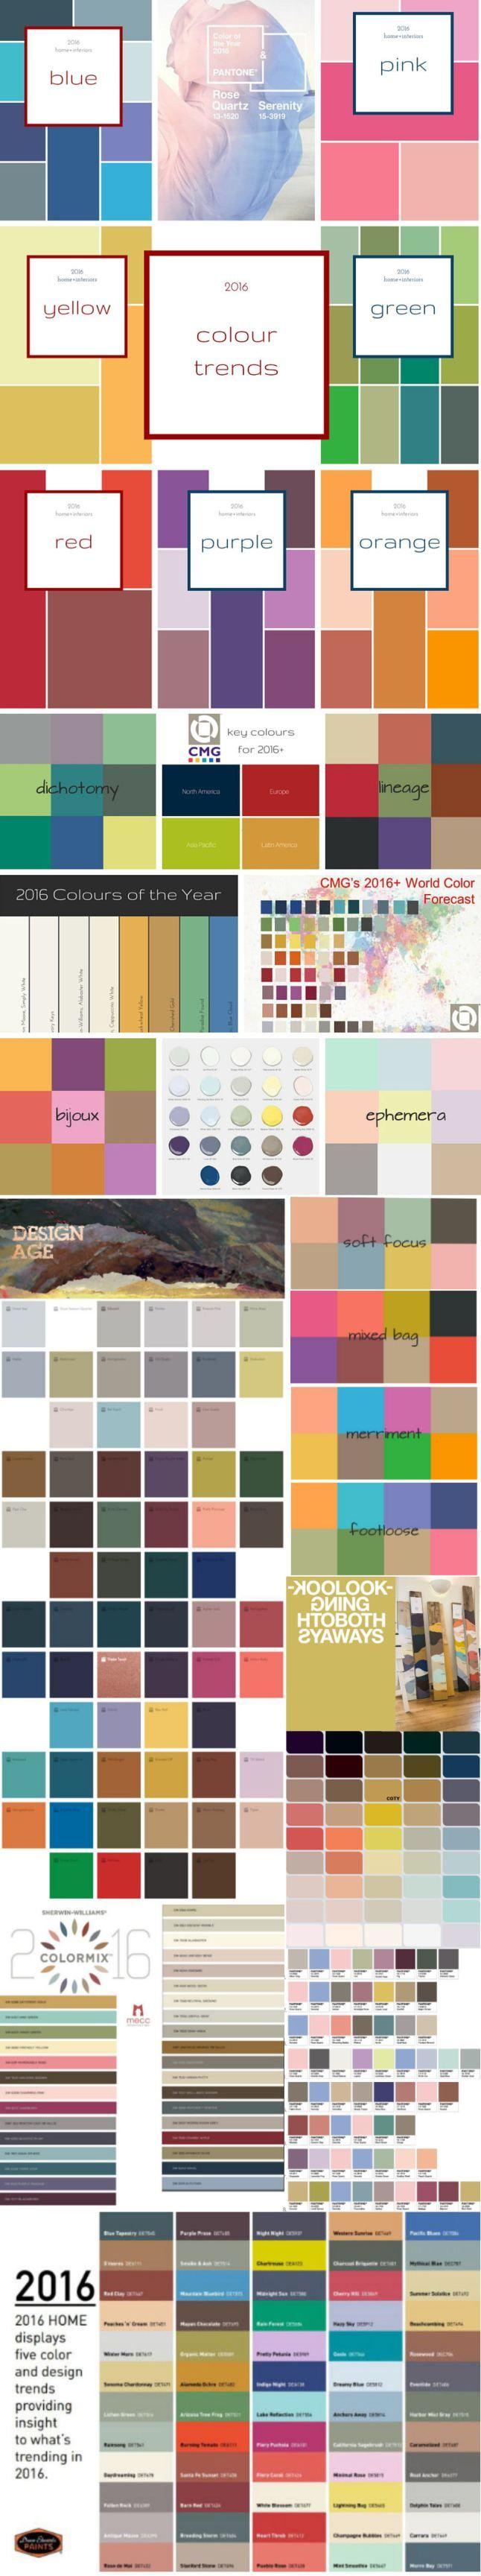 #2016trends #designtrends #colourtrends #2016colour | 2016 top colour & interiors trends | @meccinteriors | design bites